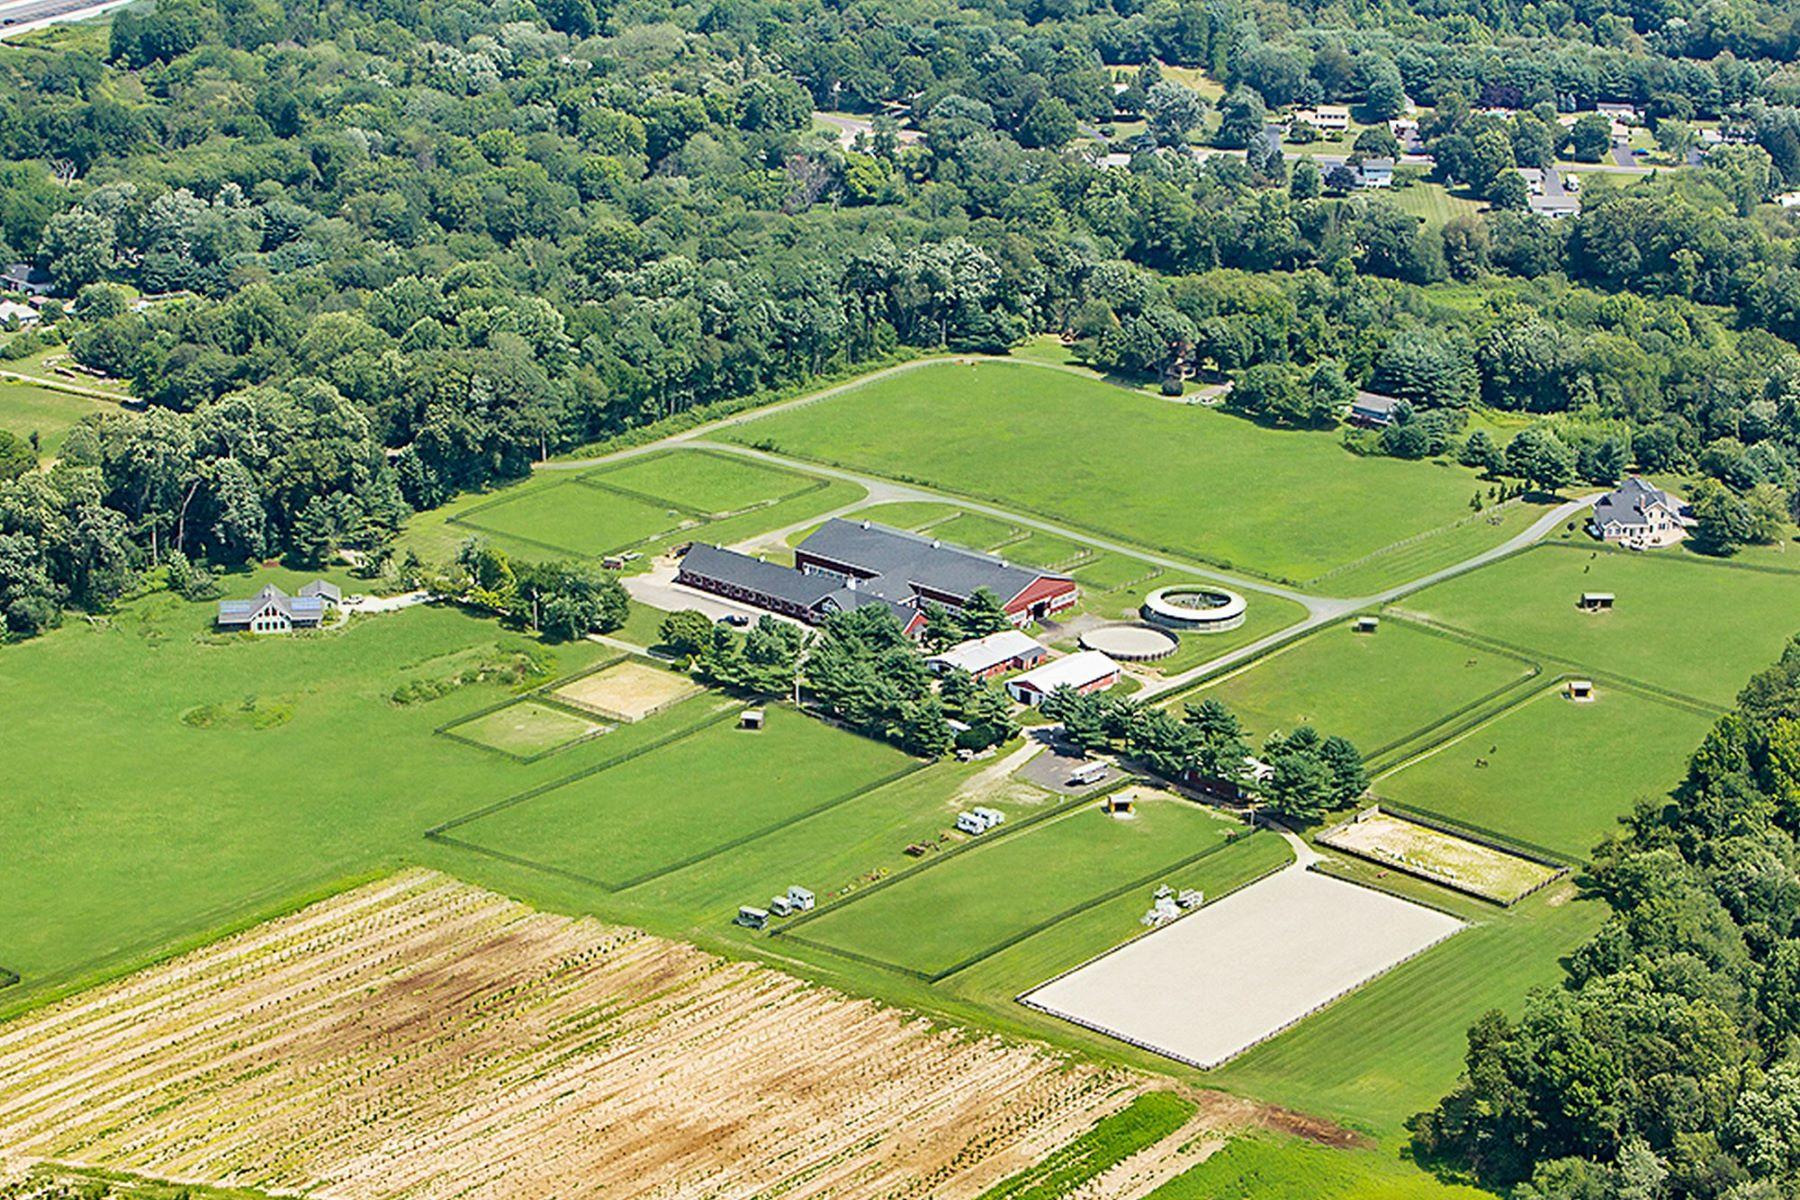 Ферма / ранчо / плантация для того Продажа на Hay Fever Farm with 2 Residences 296 Sharon Road, Robbinsville, Нью-Джерси 08691 Соединенные Штаты